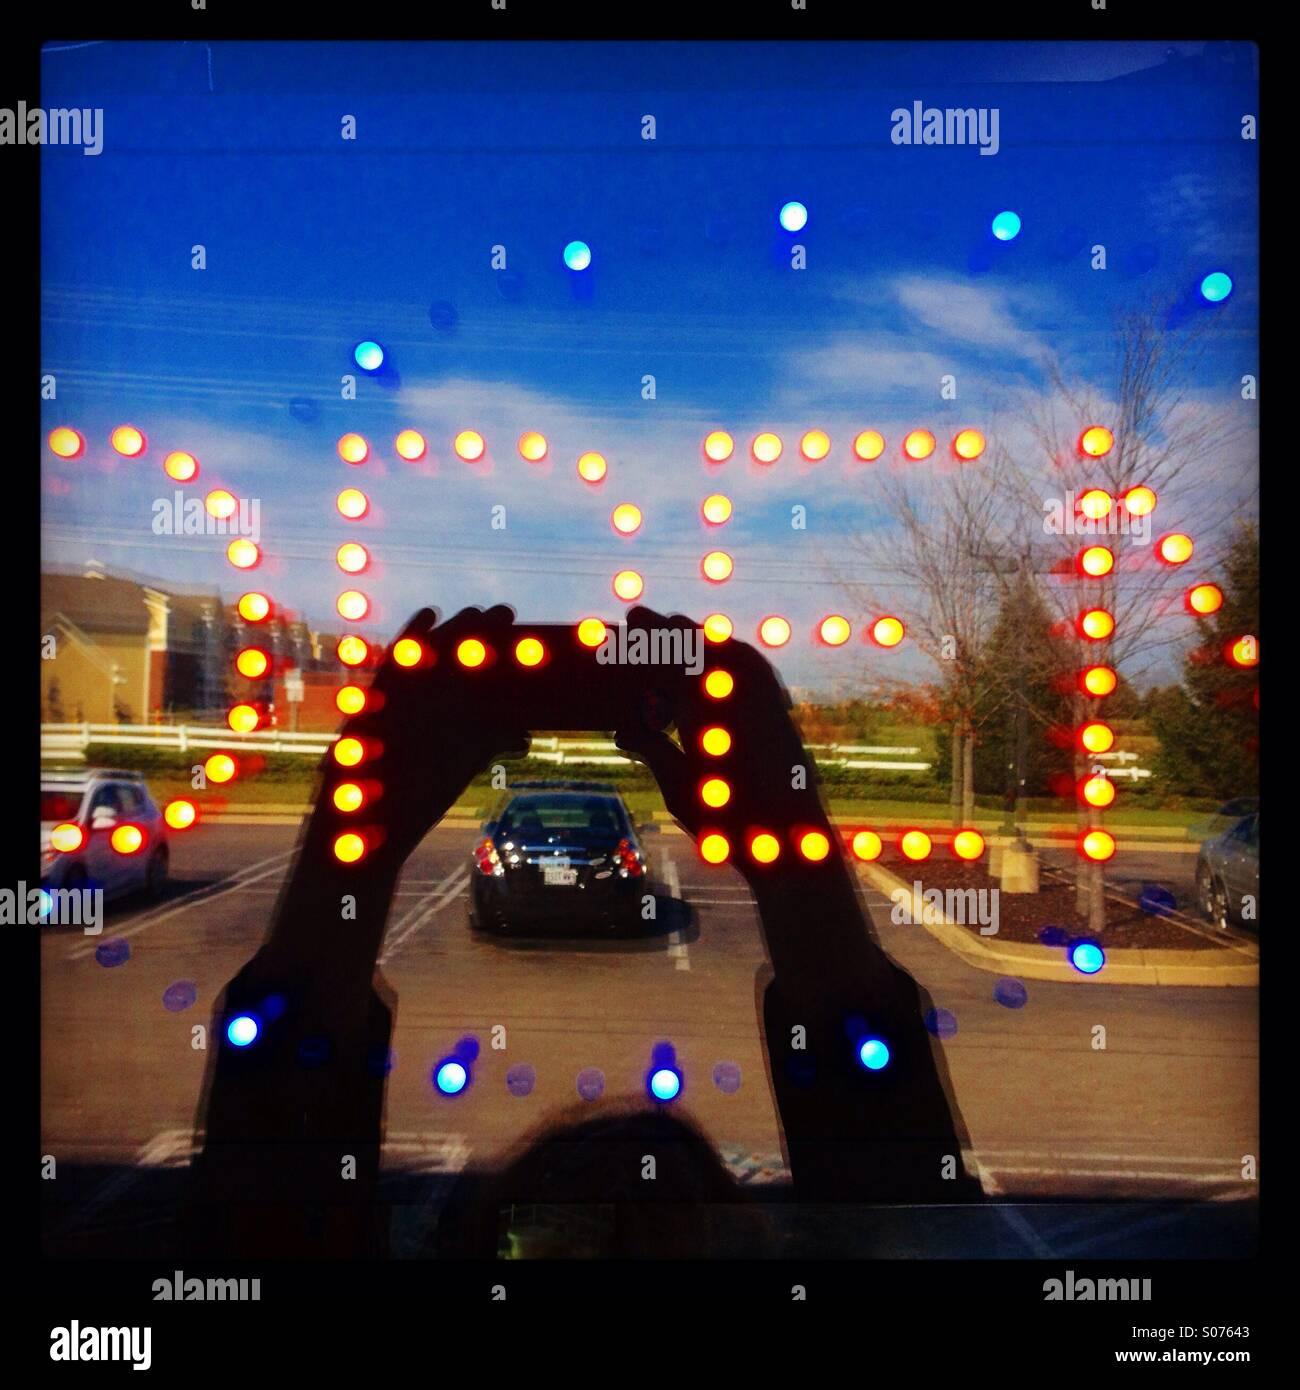 Offenen Selfie. GEÖFFNET für Geschäft Beschilderung. Offenen Zusammensetzung. Farbe. Stockbild